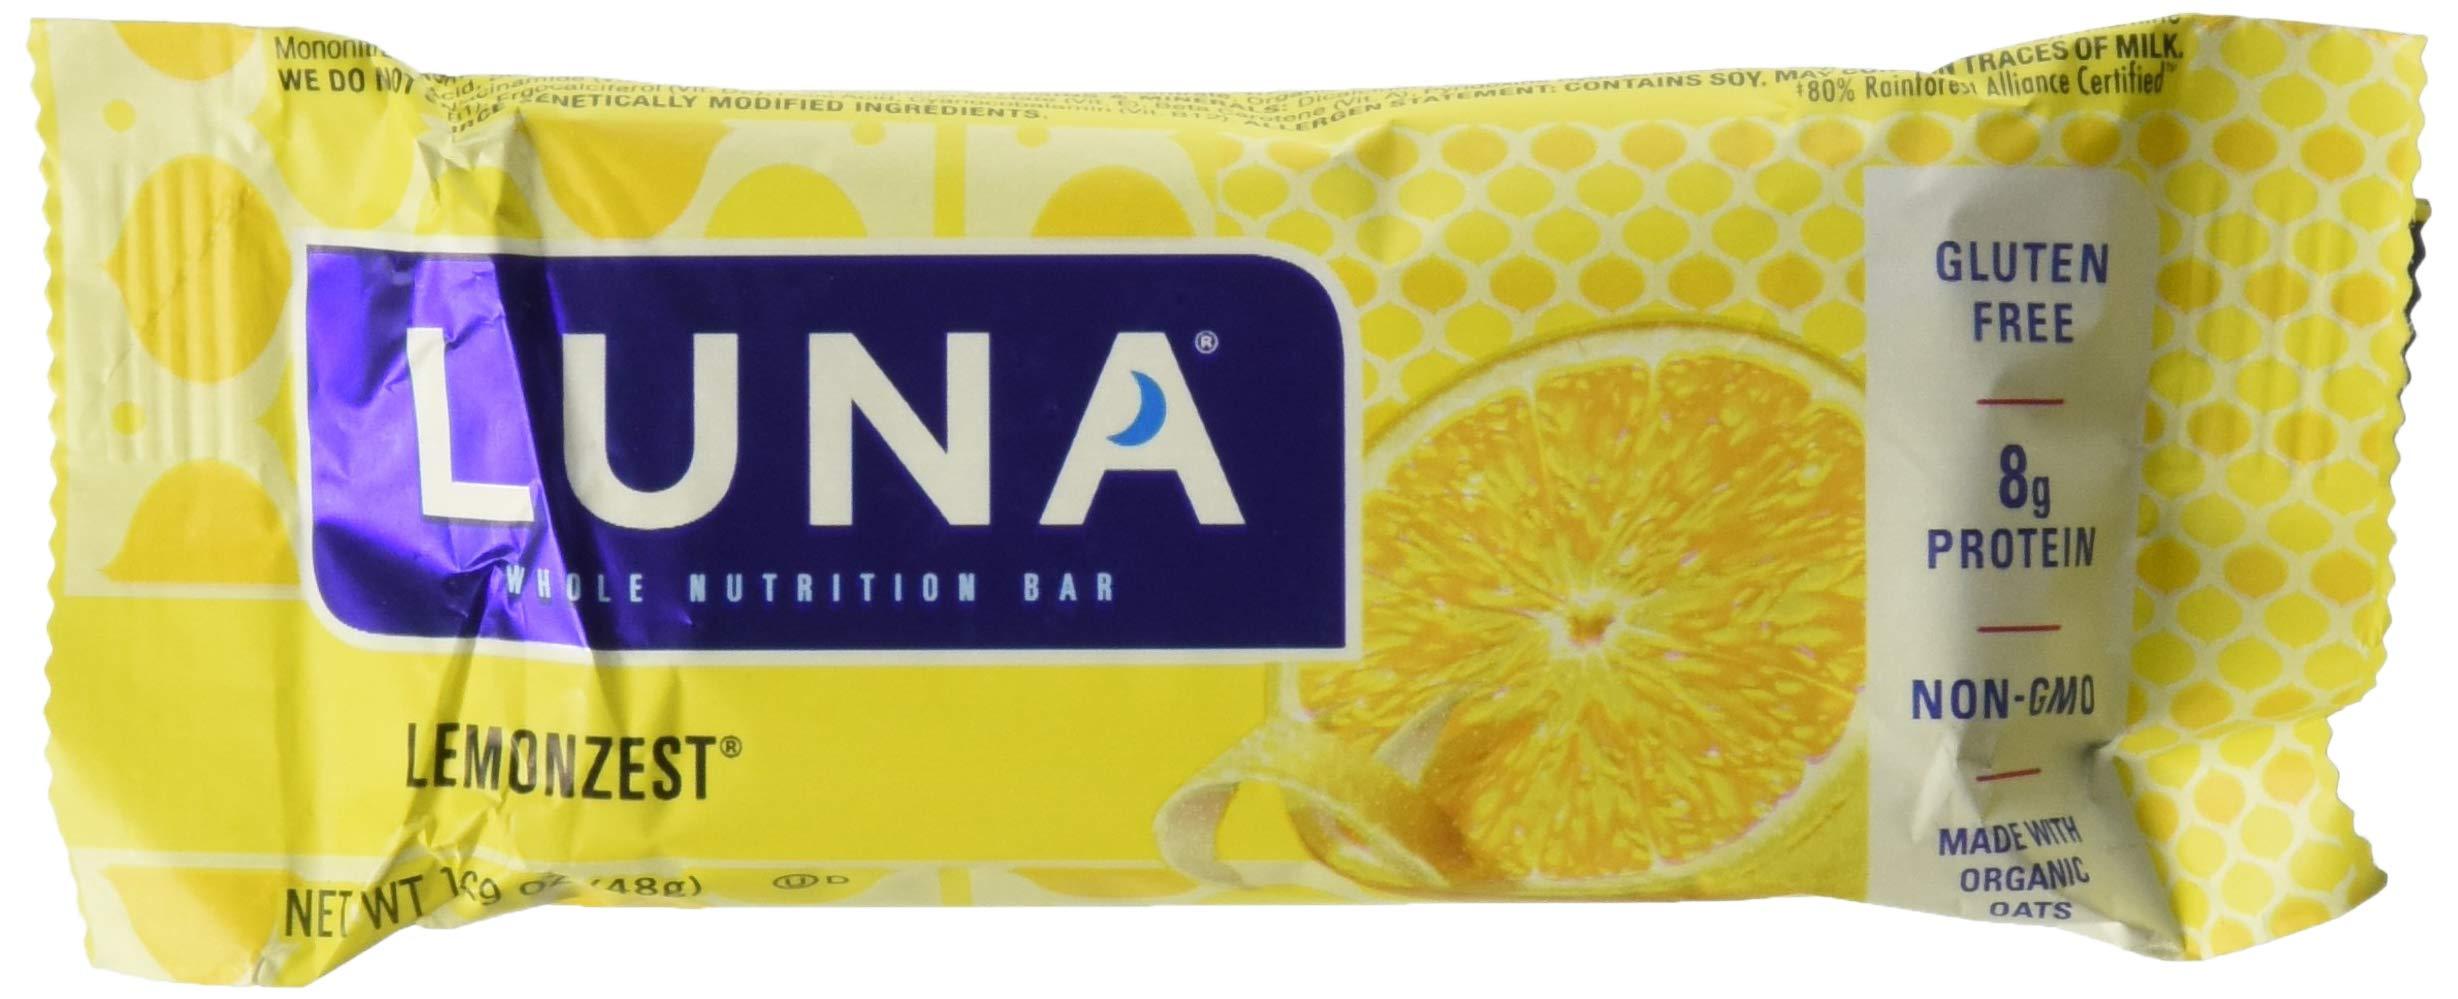 Clif Bar Luna BAR,OG3,Lemon Zest, 1.69 OZ